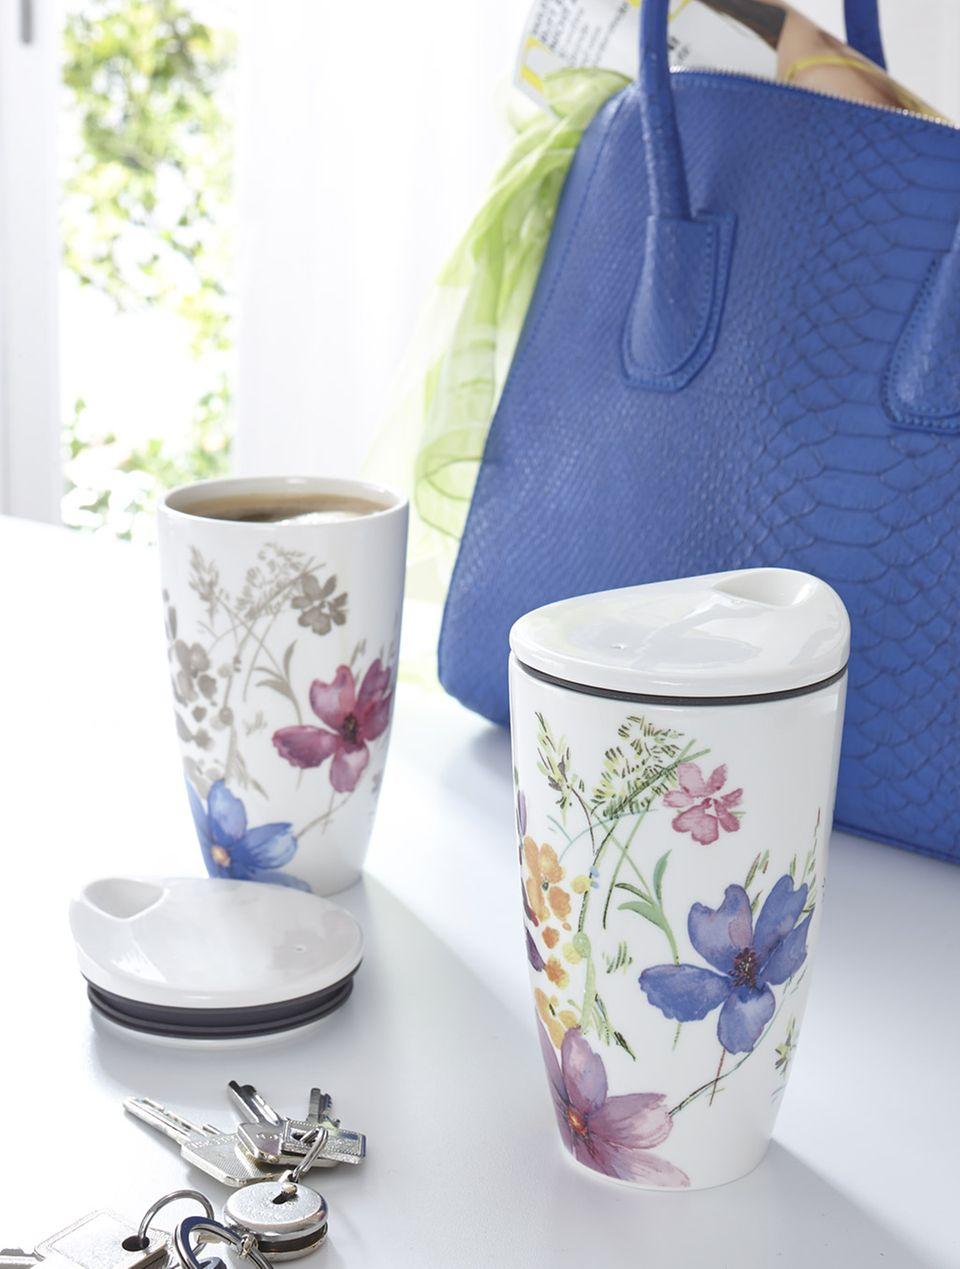 Perfekt für unterwegs: Coffee-to-go-Becher aus Porzellan